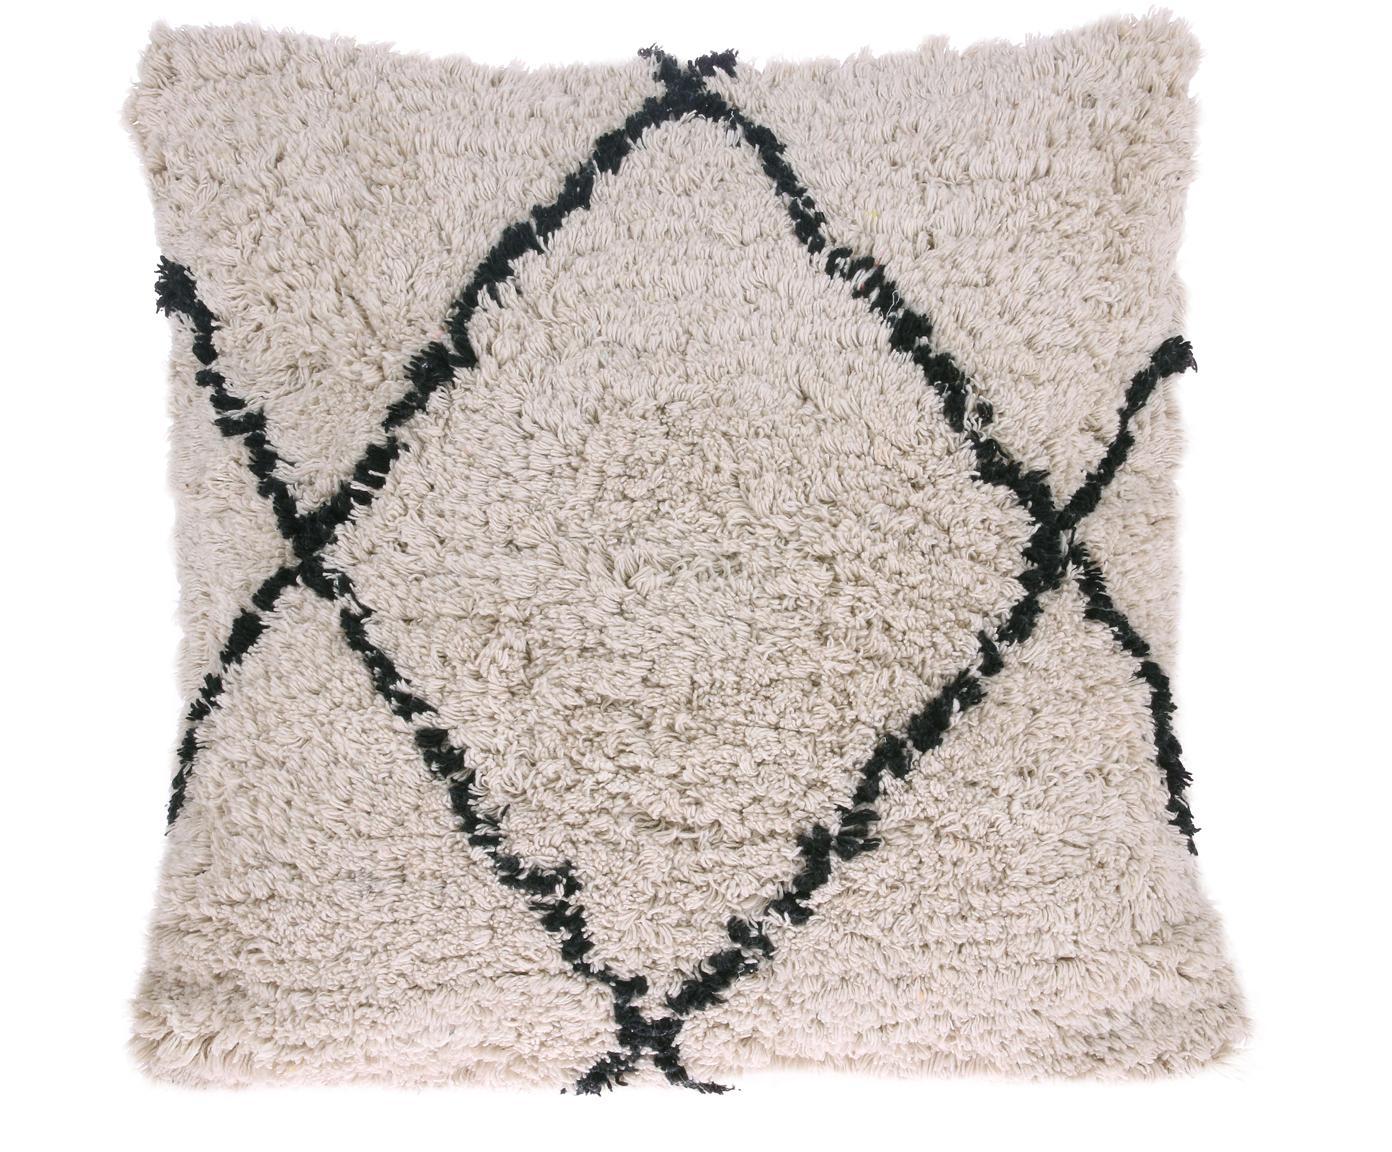 Kussen Diamond met getuft oppervlak, met vulling, 100% katoen, Gebroken wit, zwart, 50 x 50 cm